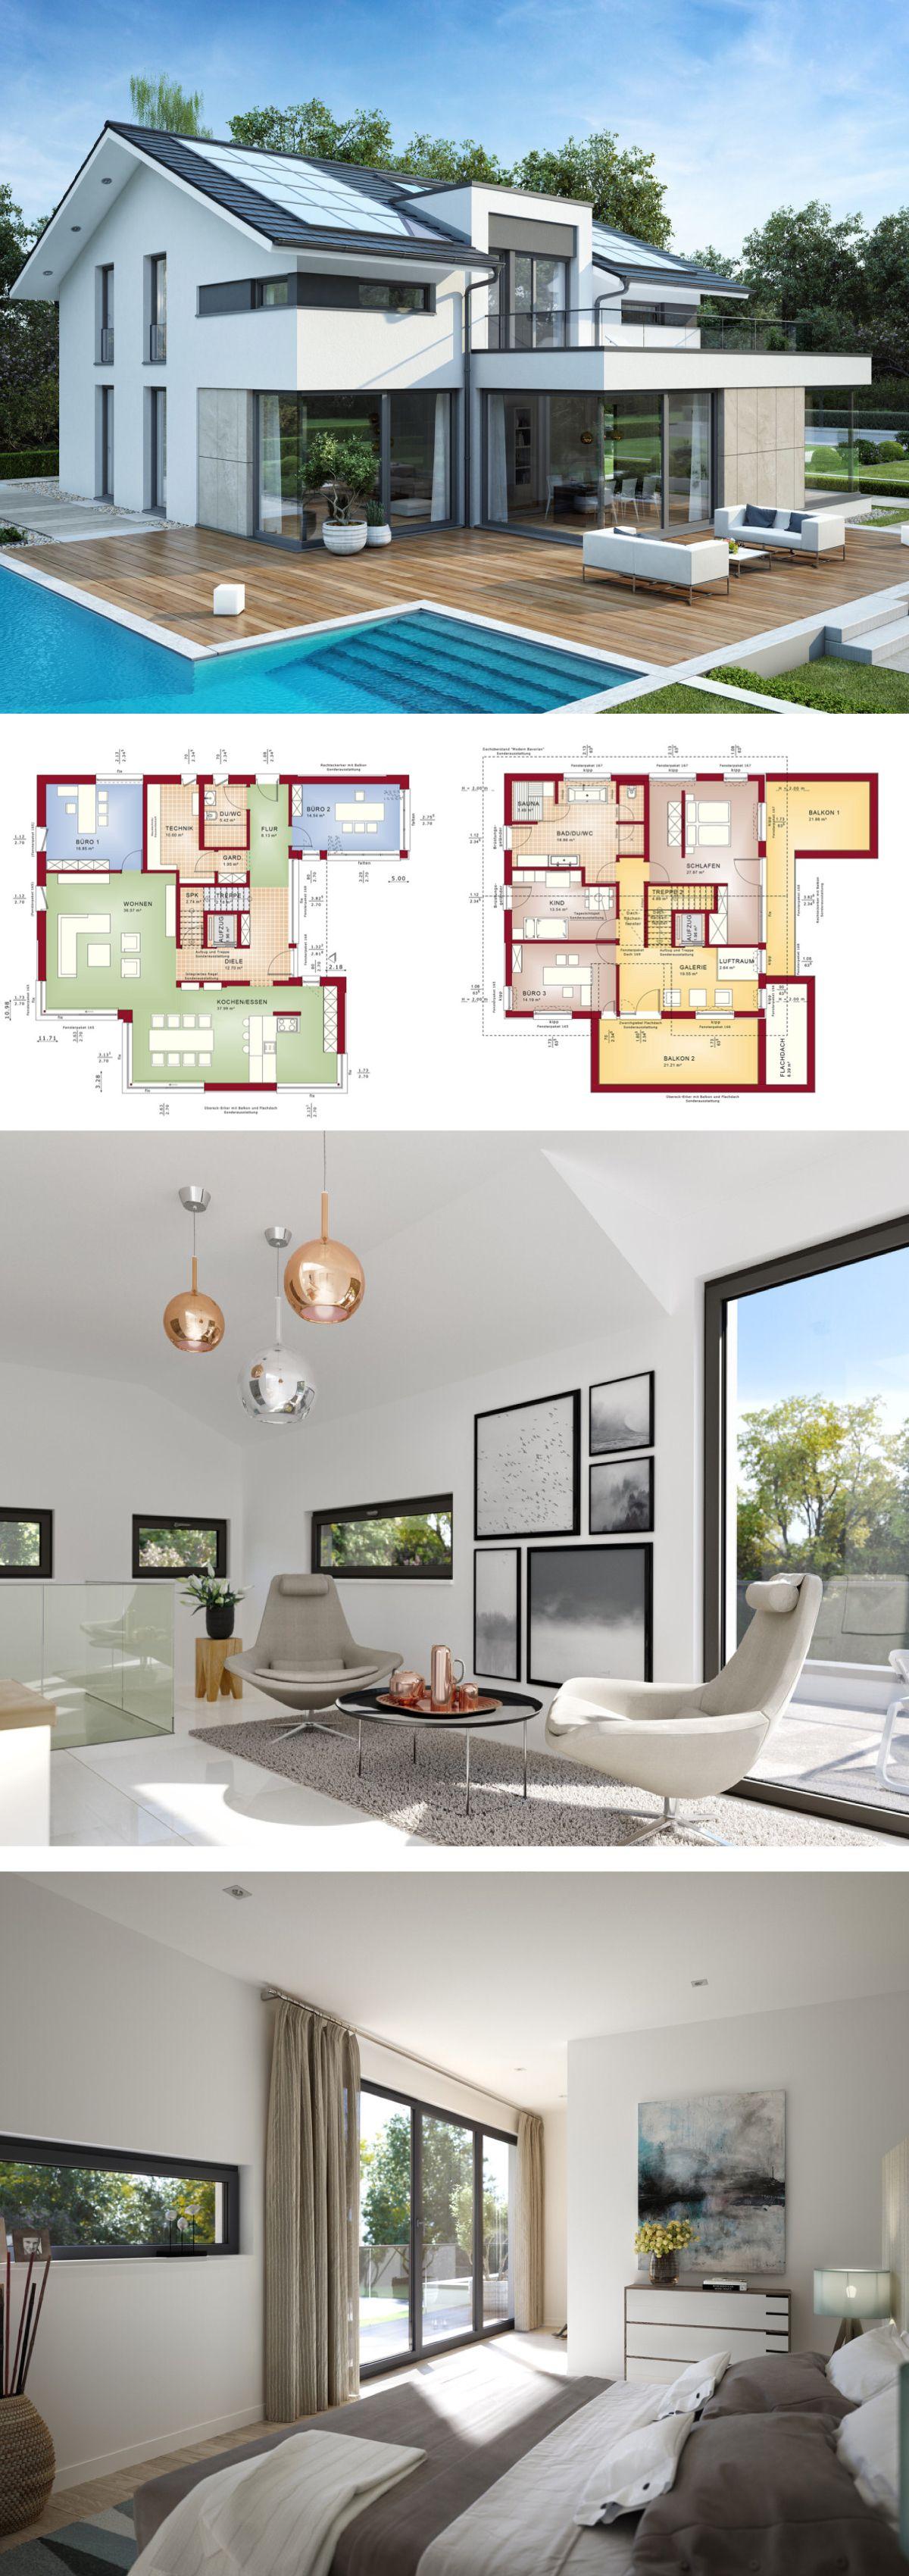 Design haus modern mit satteldach architektur galerie for Hausbau modern satteldach